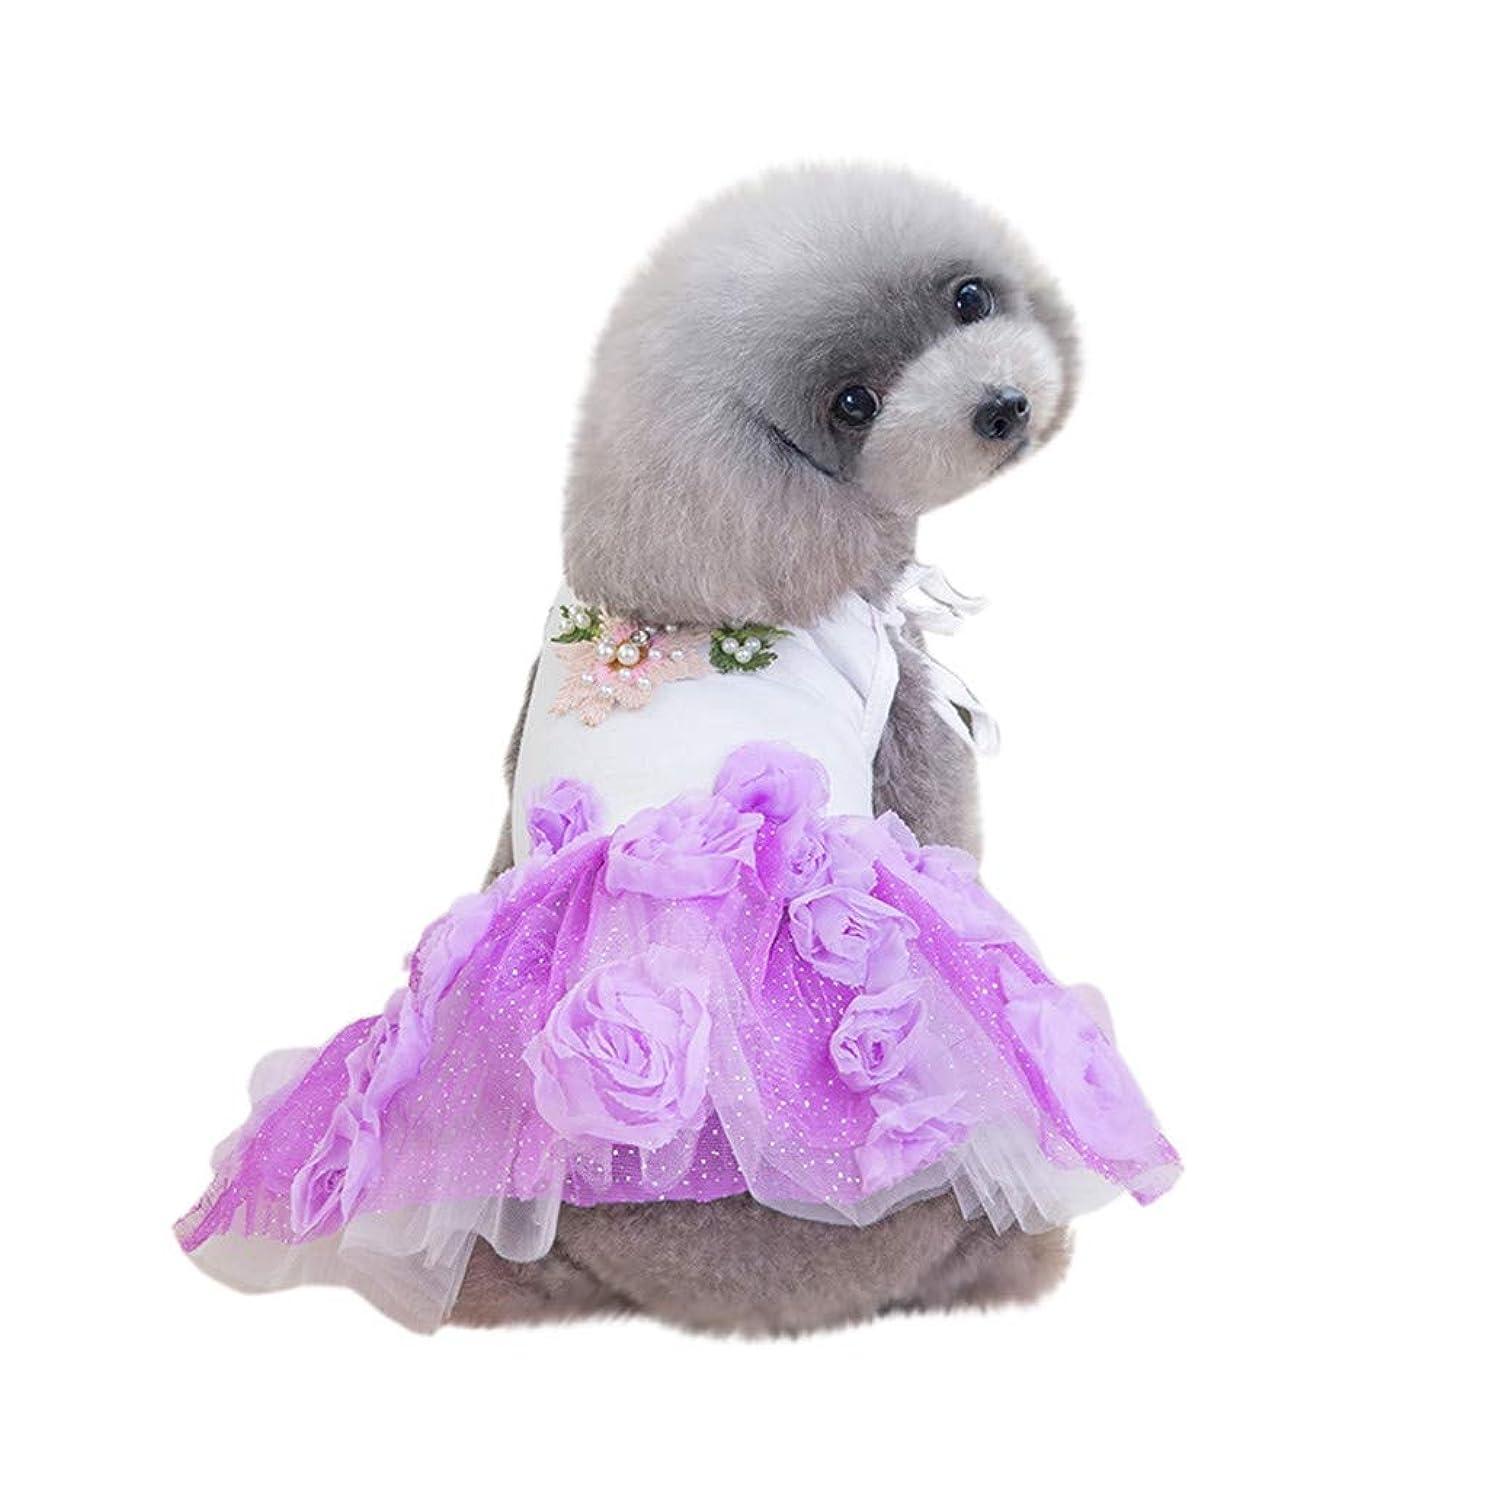 十年スキー時代[Tienpy] ペット犬猫ローズフラワープリントワンピース蝶結びチュチュ スカート可愛い犬 柔らかい ドレス 日焼き防 通気性 上着